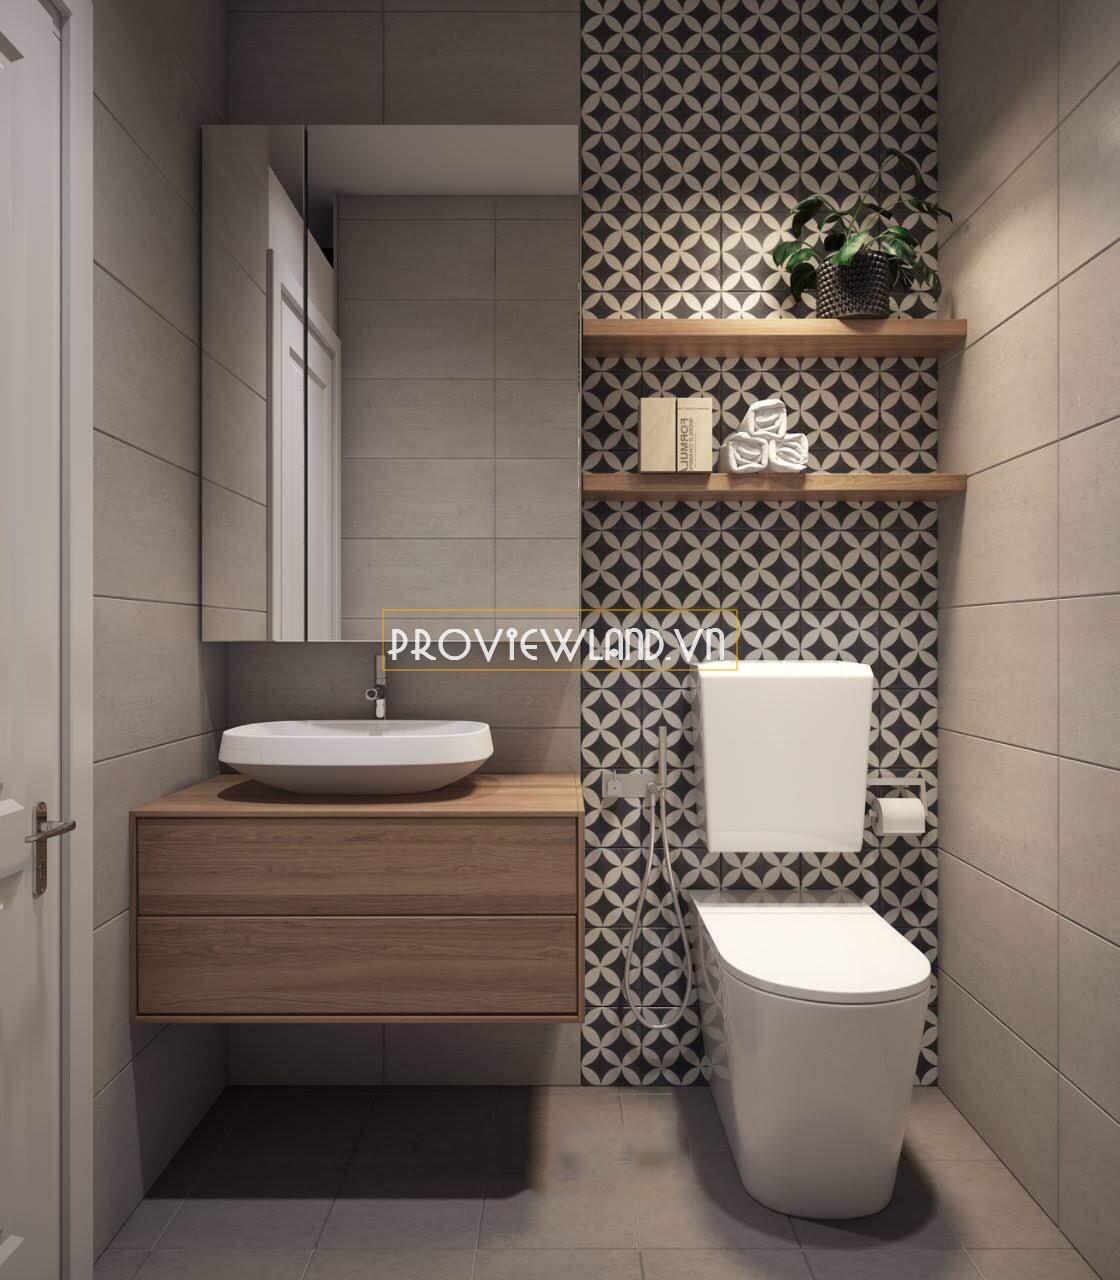 lucasta-khang-dien-villas-for-rent-4beds-3floor-district9-proview1112-10